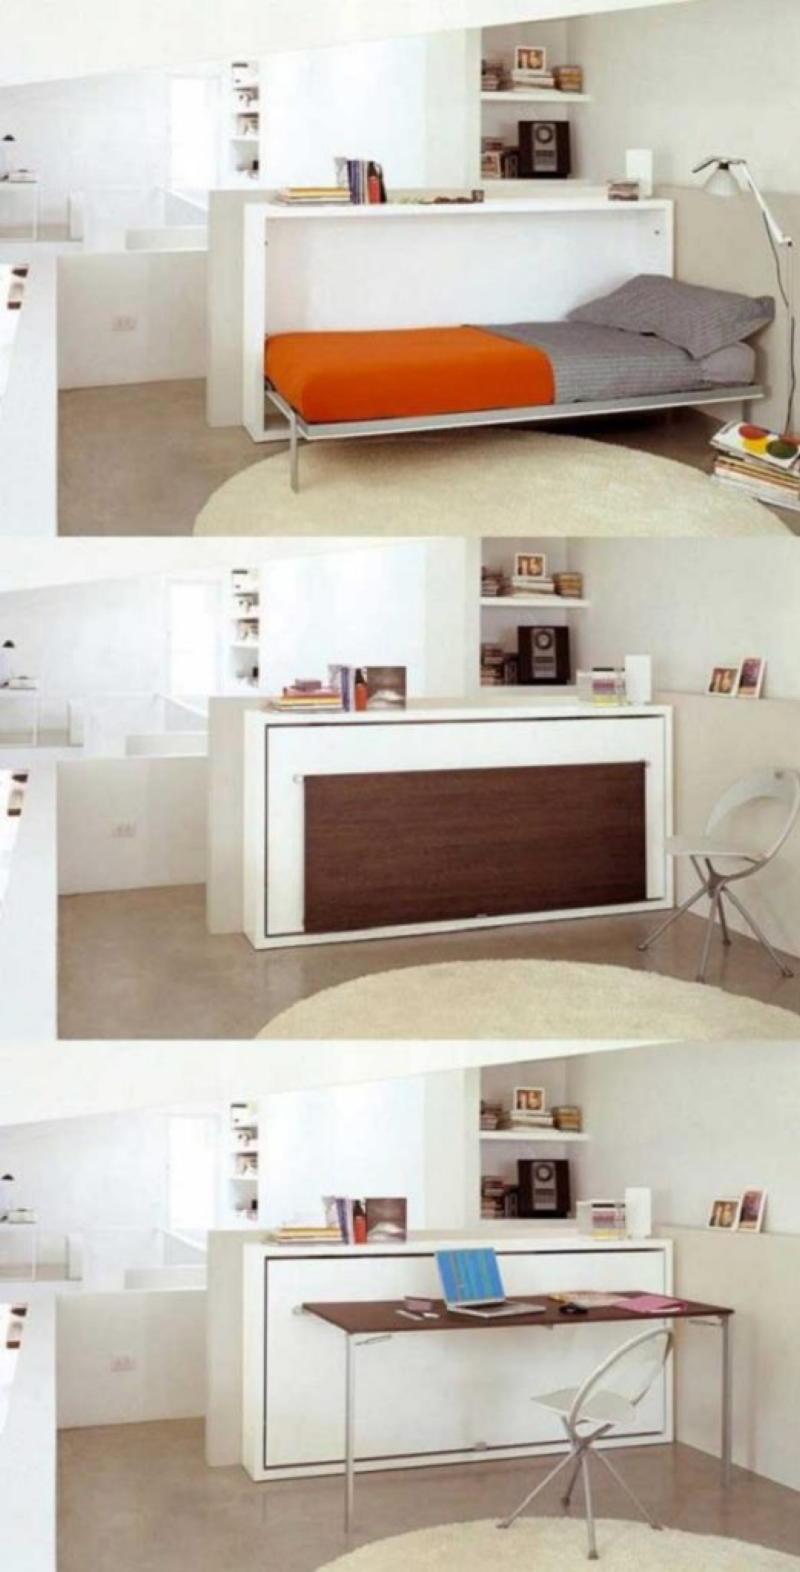 Идеальный дом: практичные идеи экономии драгоценного пространства организация пространства,хранение